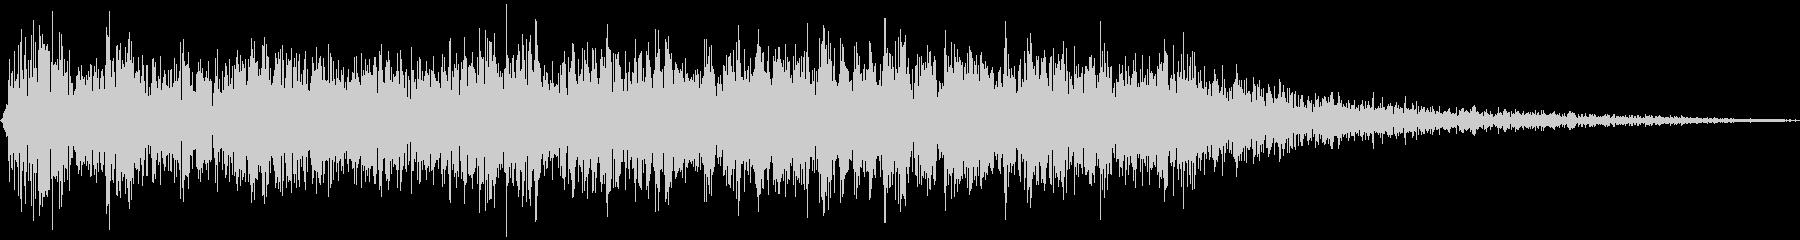 ロボット足音 タイプ2の未再生の波形